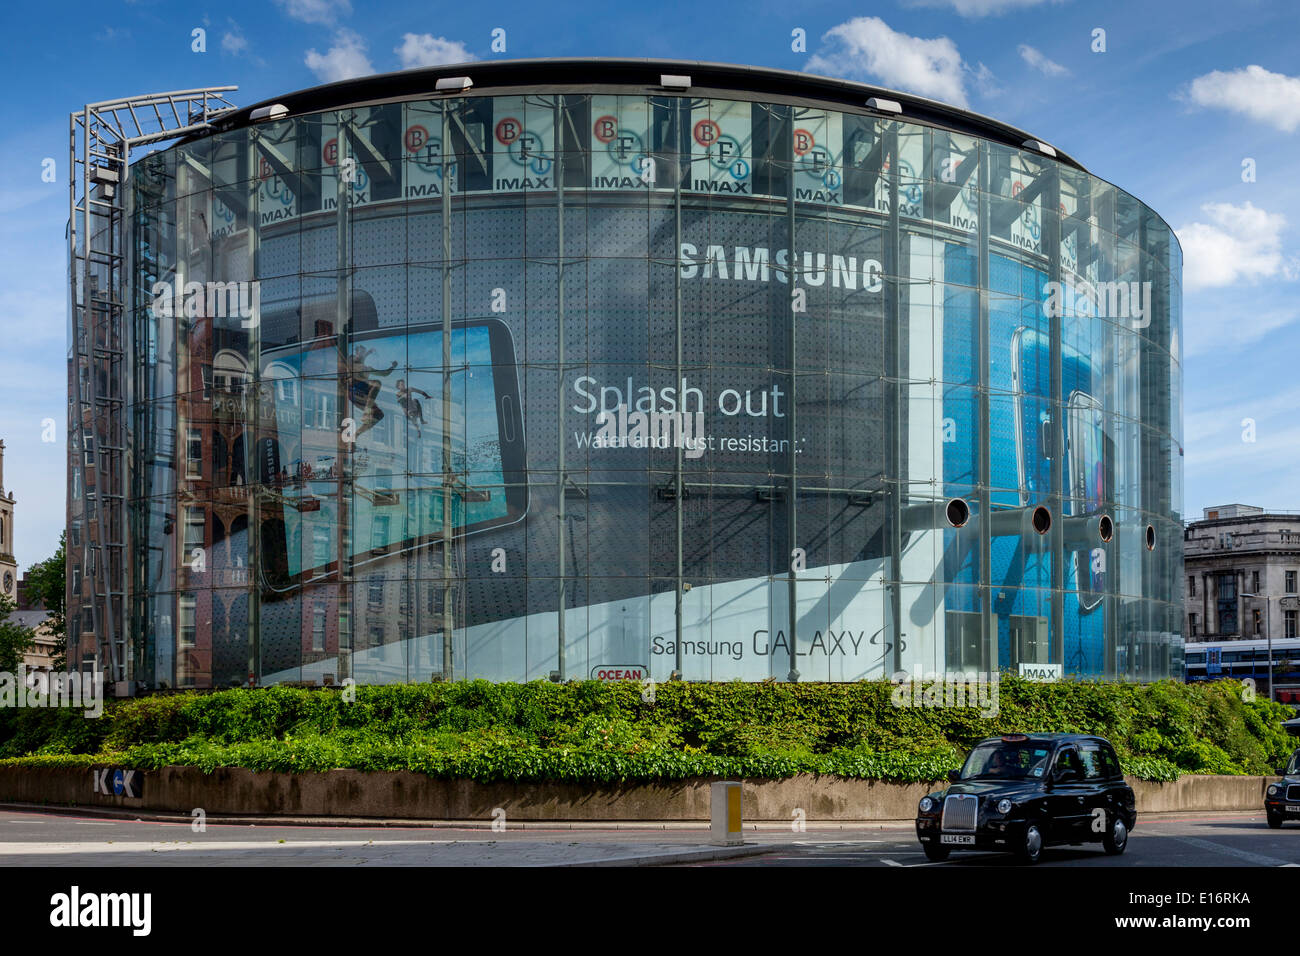 The BFI IMAX Cinema, London, England - Stock Image